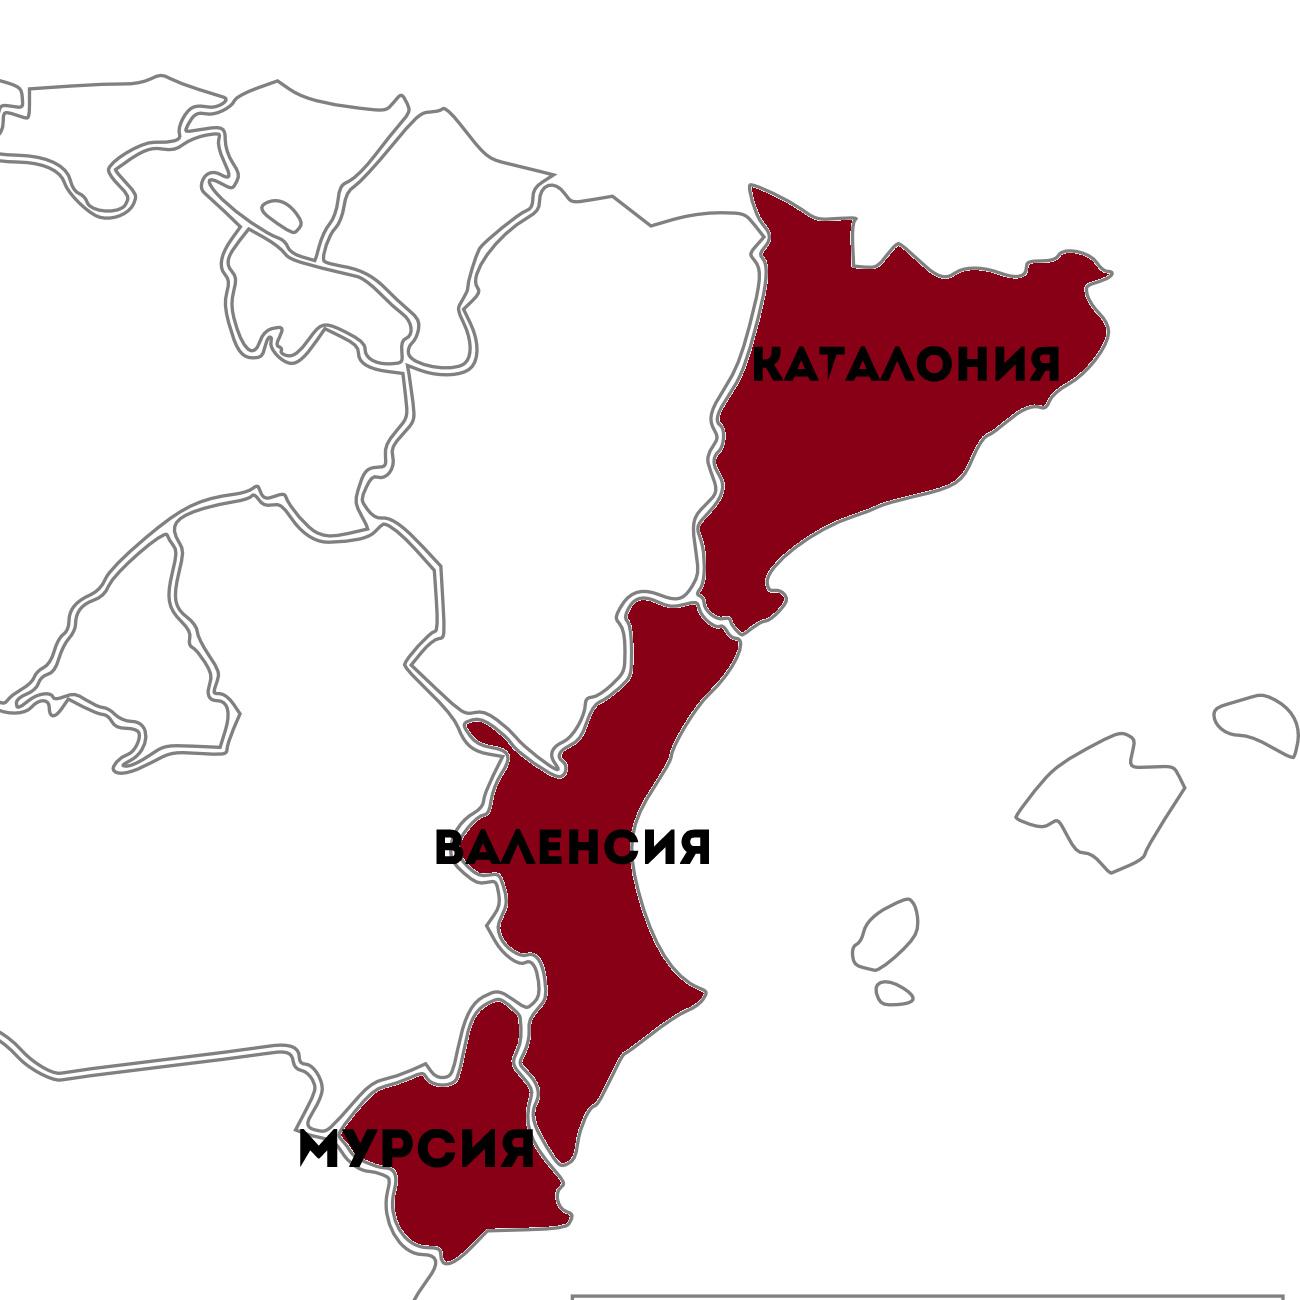 Мурсия, Валенсия и Каталония